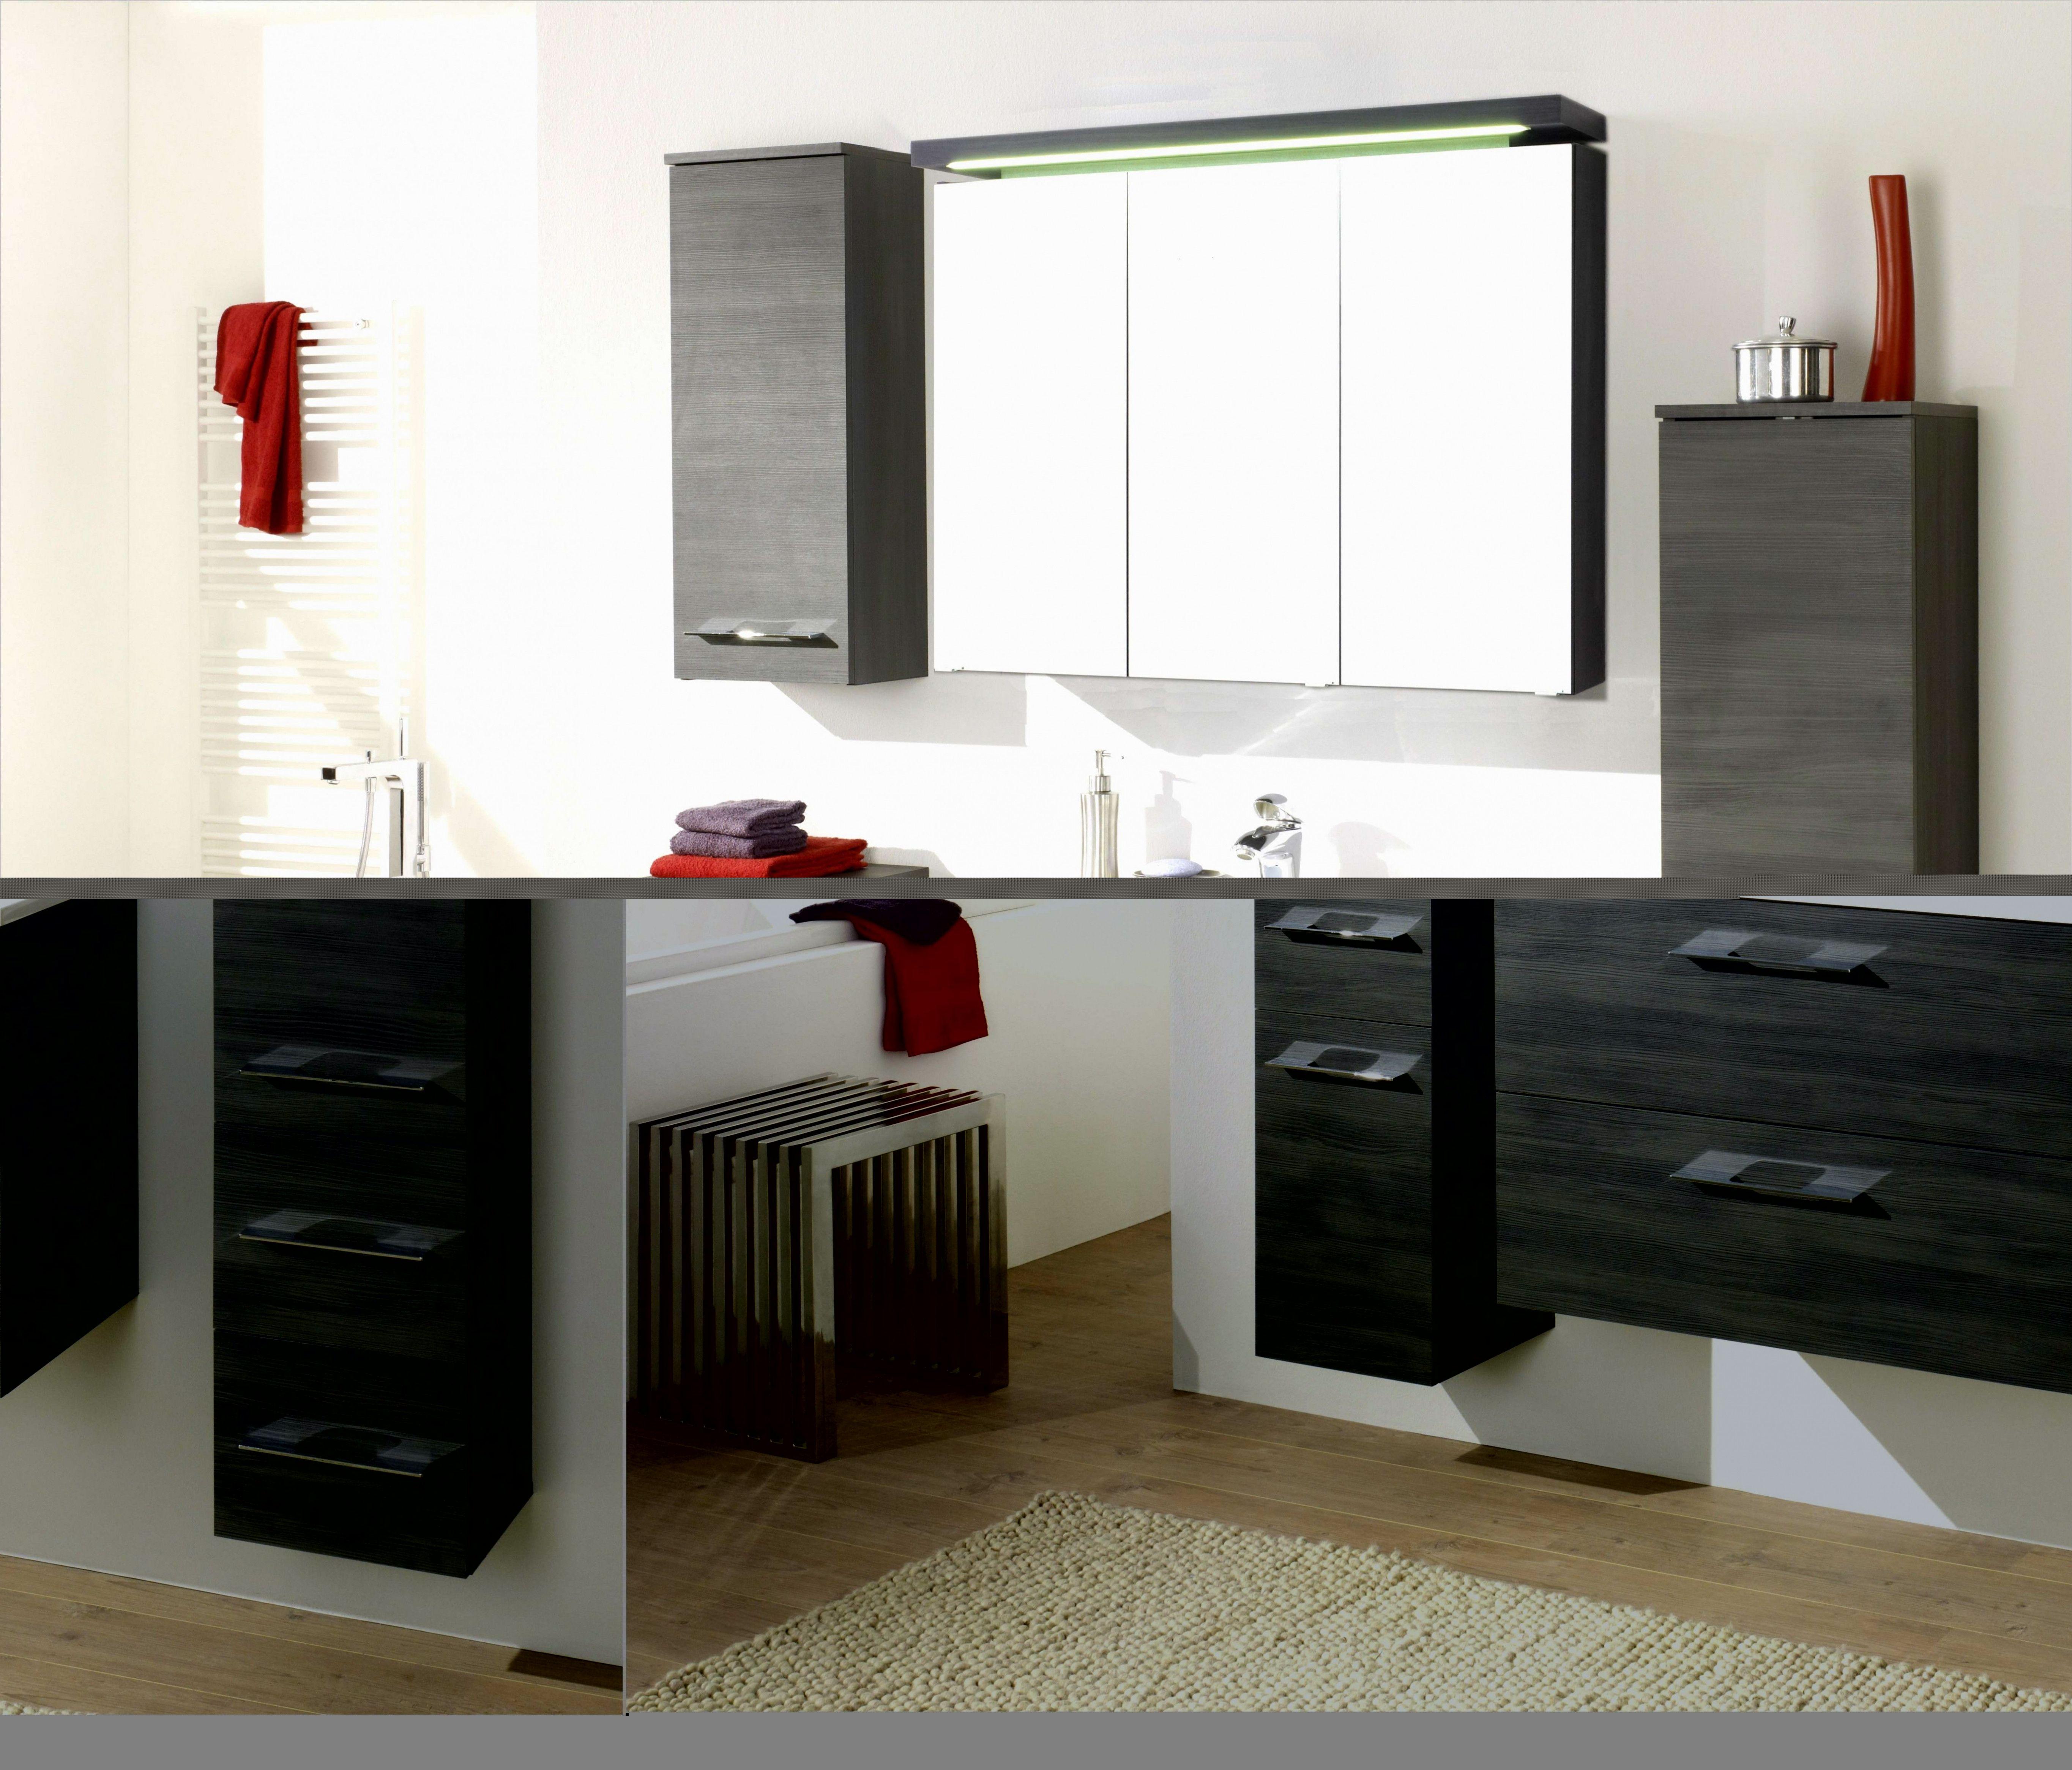 Warum Sie Nicht Zu Badezimmermobel Toom Gehen Sollten Badezimmer Ideen Window Seat Kitchen Cabinets House Interior